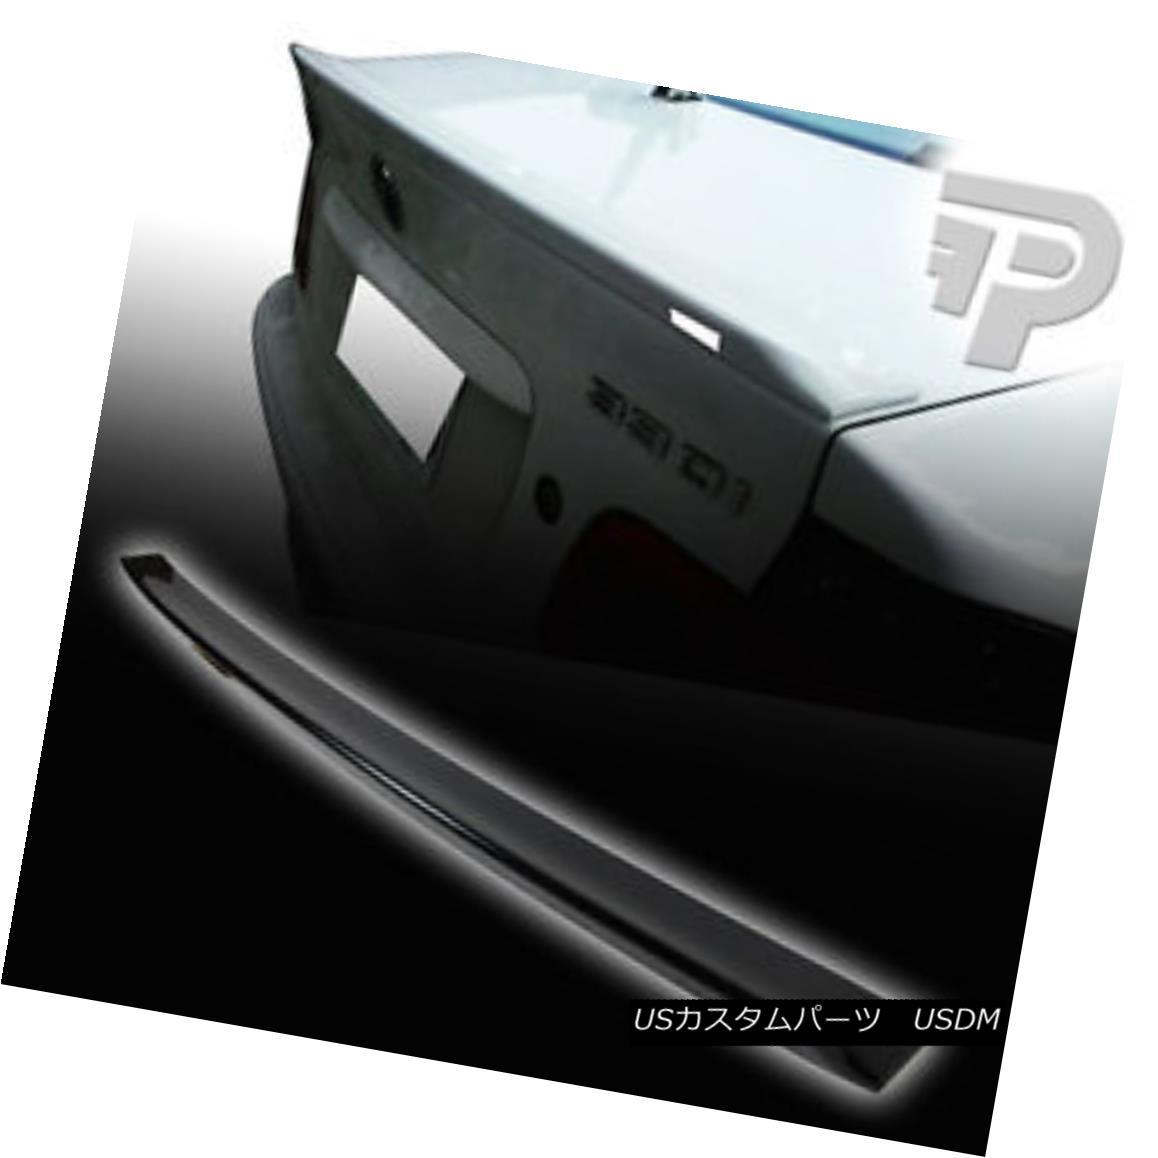 エアロパーツ PAINTED BMW E46 4D BOOT TRUNK SPOILER REAR WING NEW 668 BLACK ▼ ペイントされたBMW E46 4DブーツトランクスポイラーリアウイングNEW 668 BLACK?